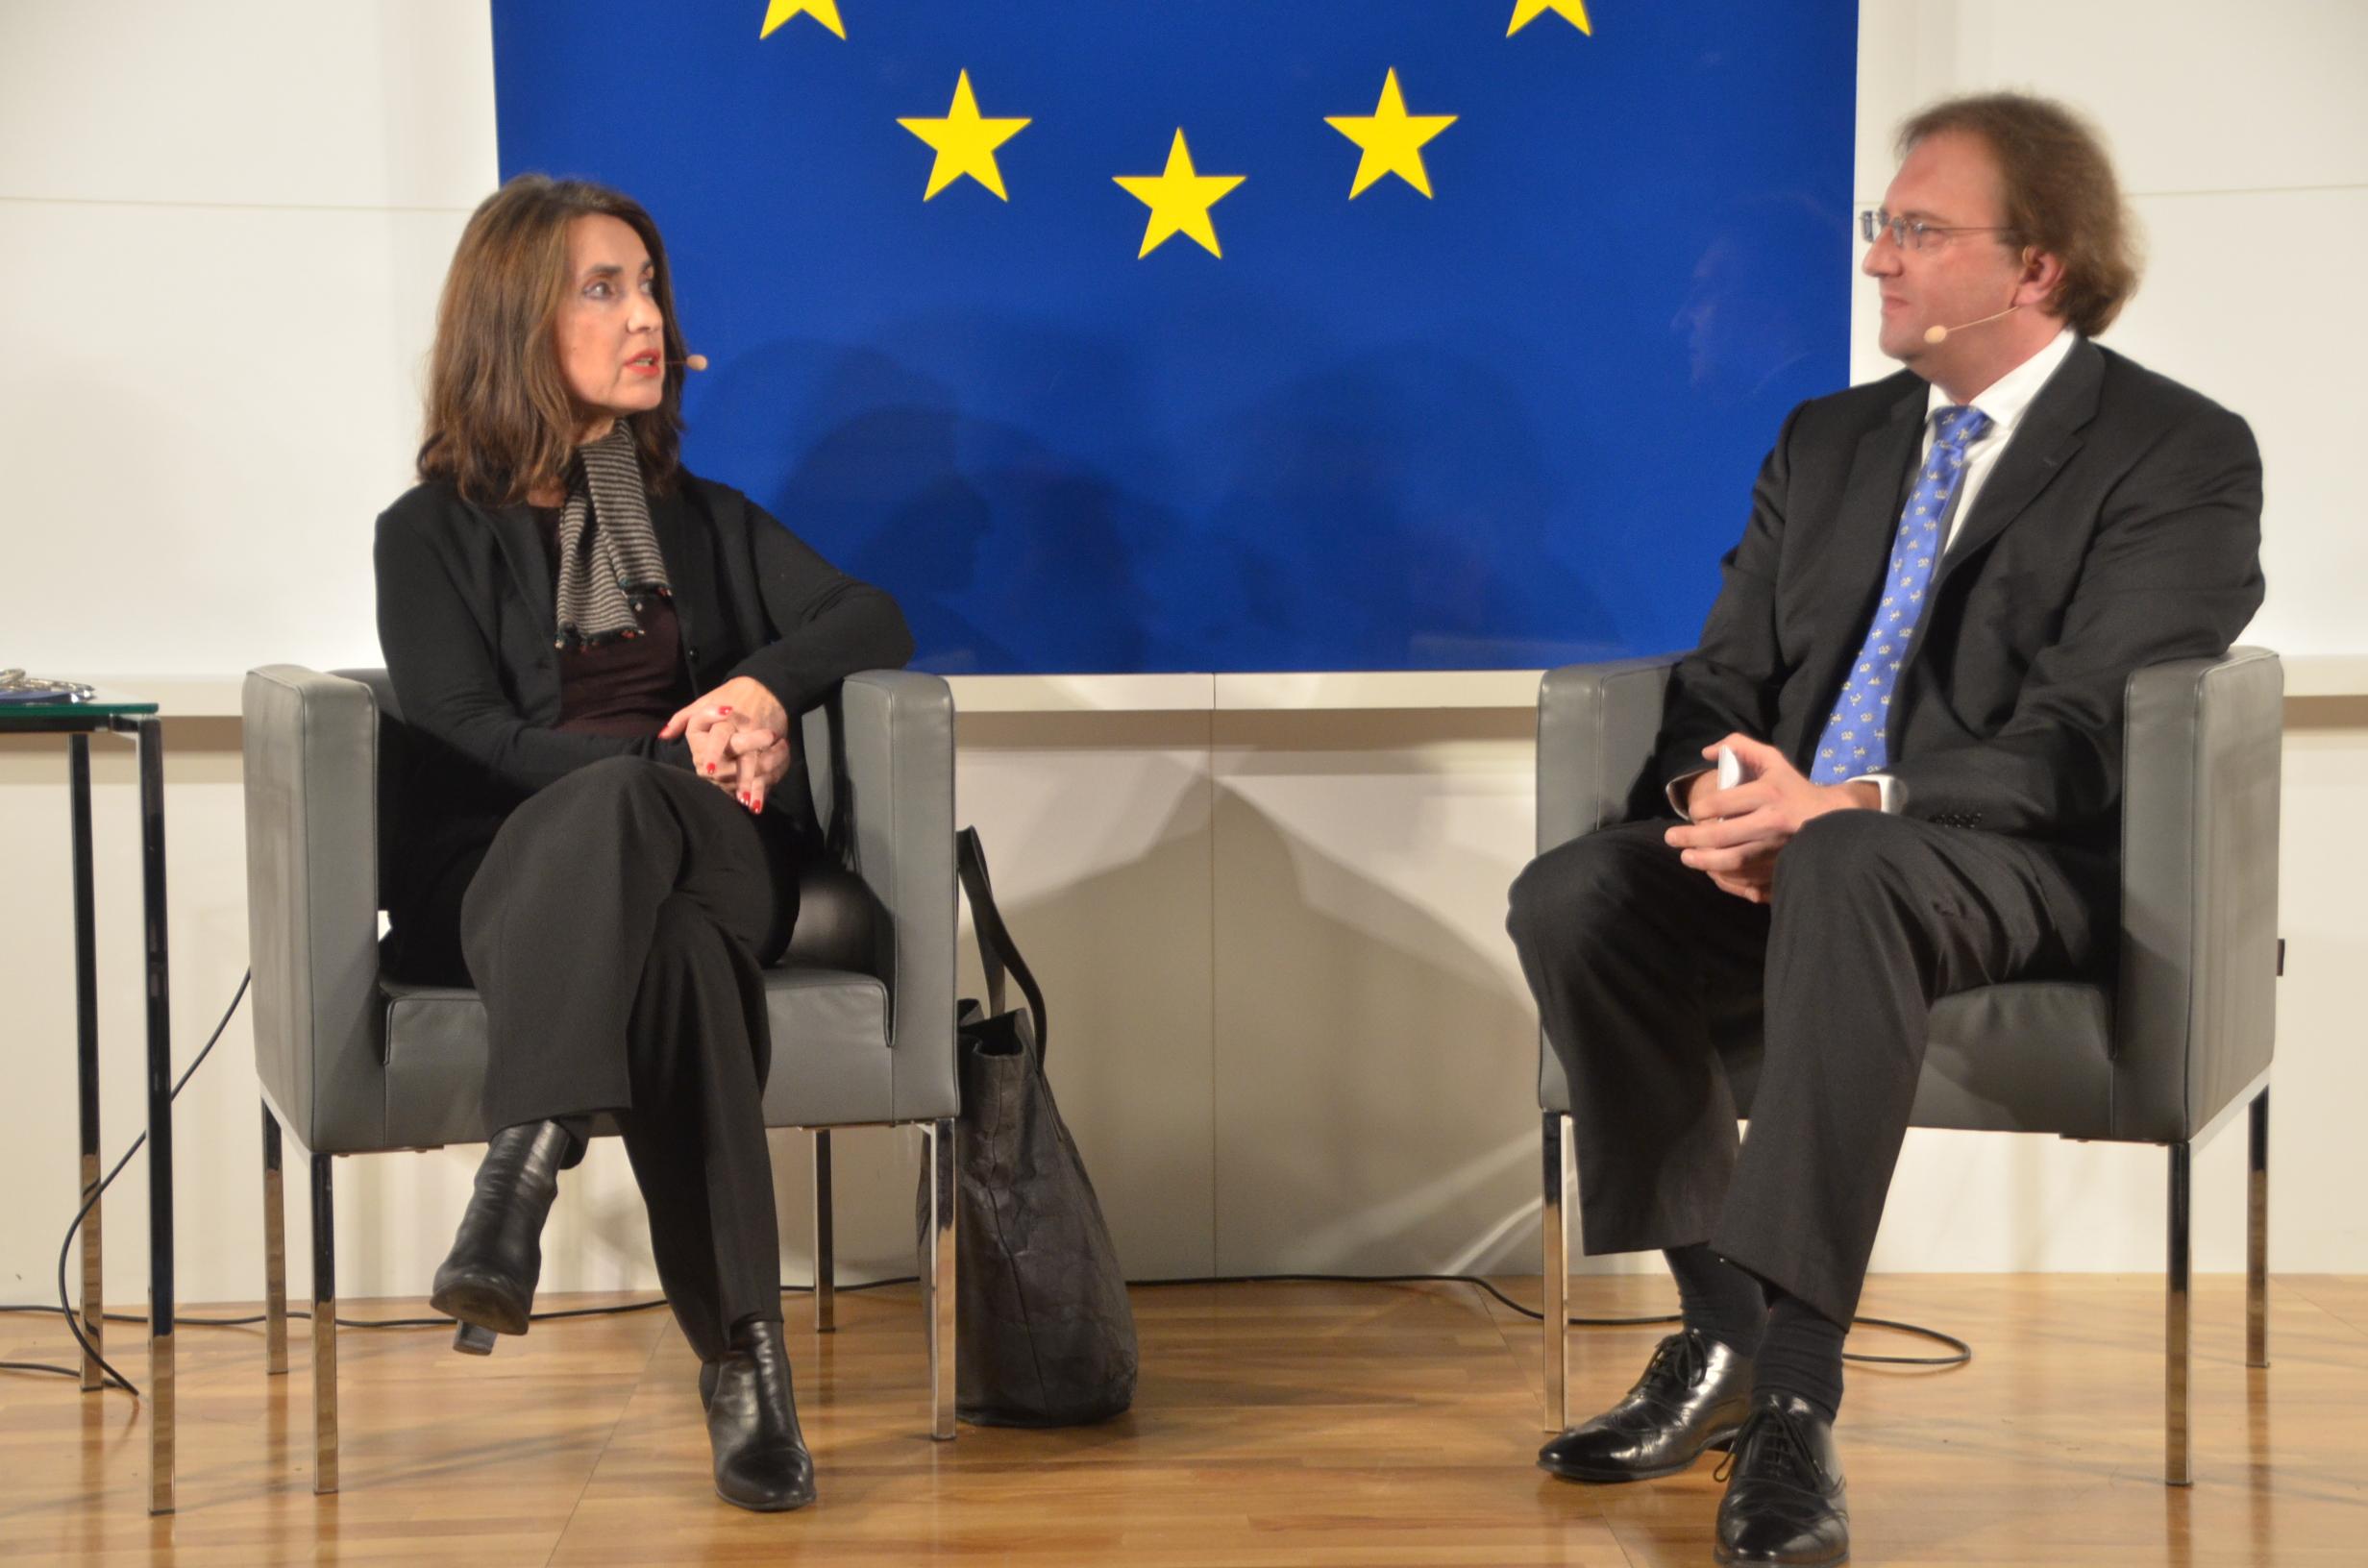 europadialog_mathilde-schwabeneder_a02_30410354__credit_european-commission